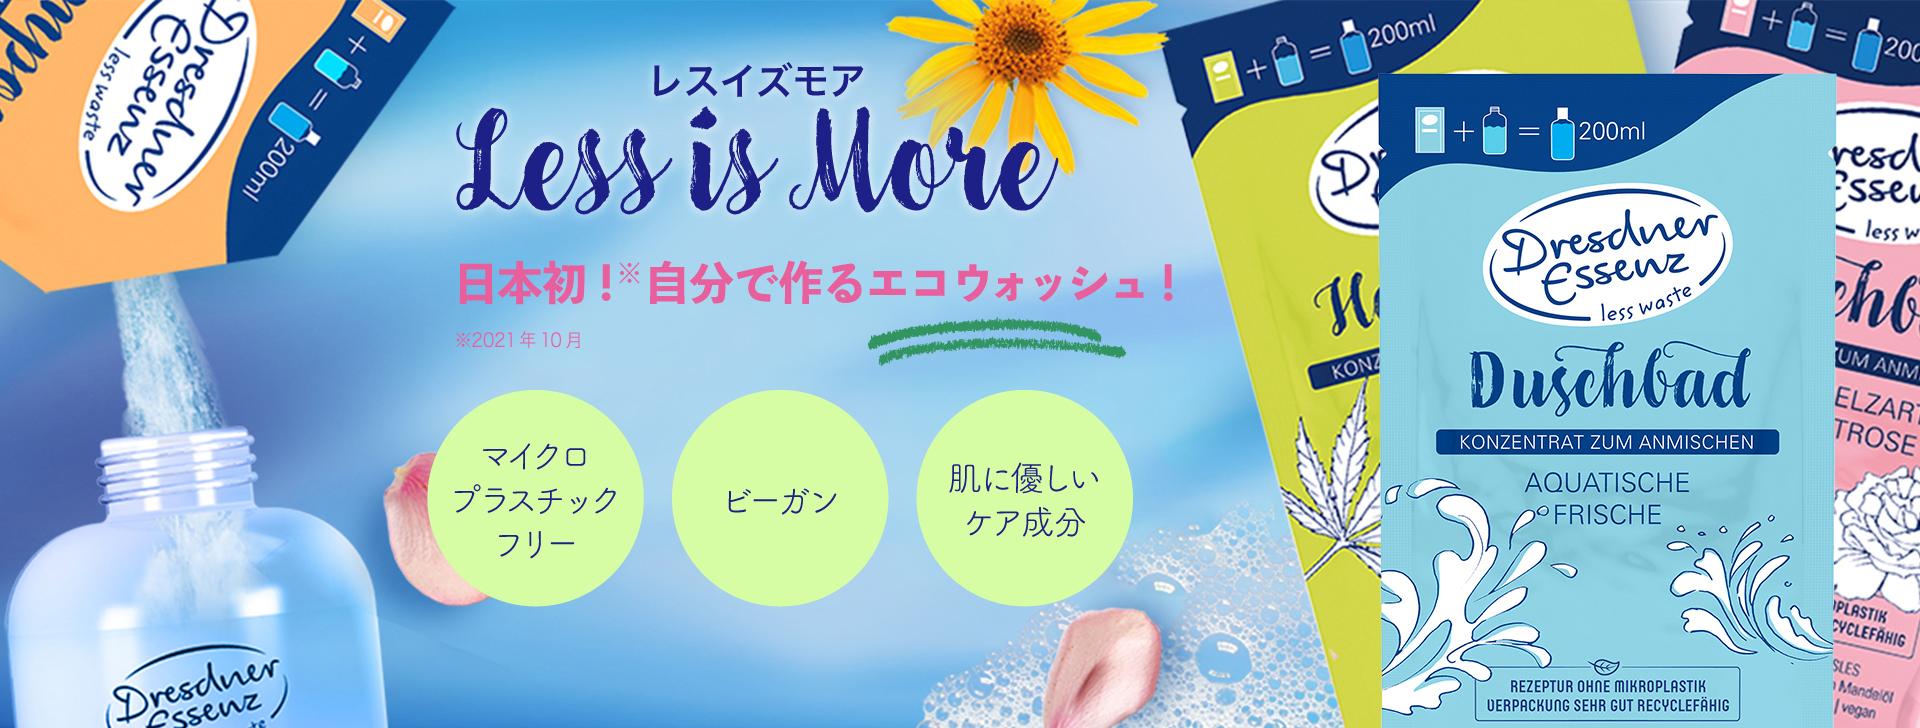 ドレスナーエッセンスから新発売!香りと癒しのスキンケア「フレグランスボディローション」